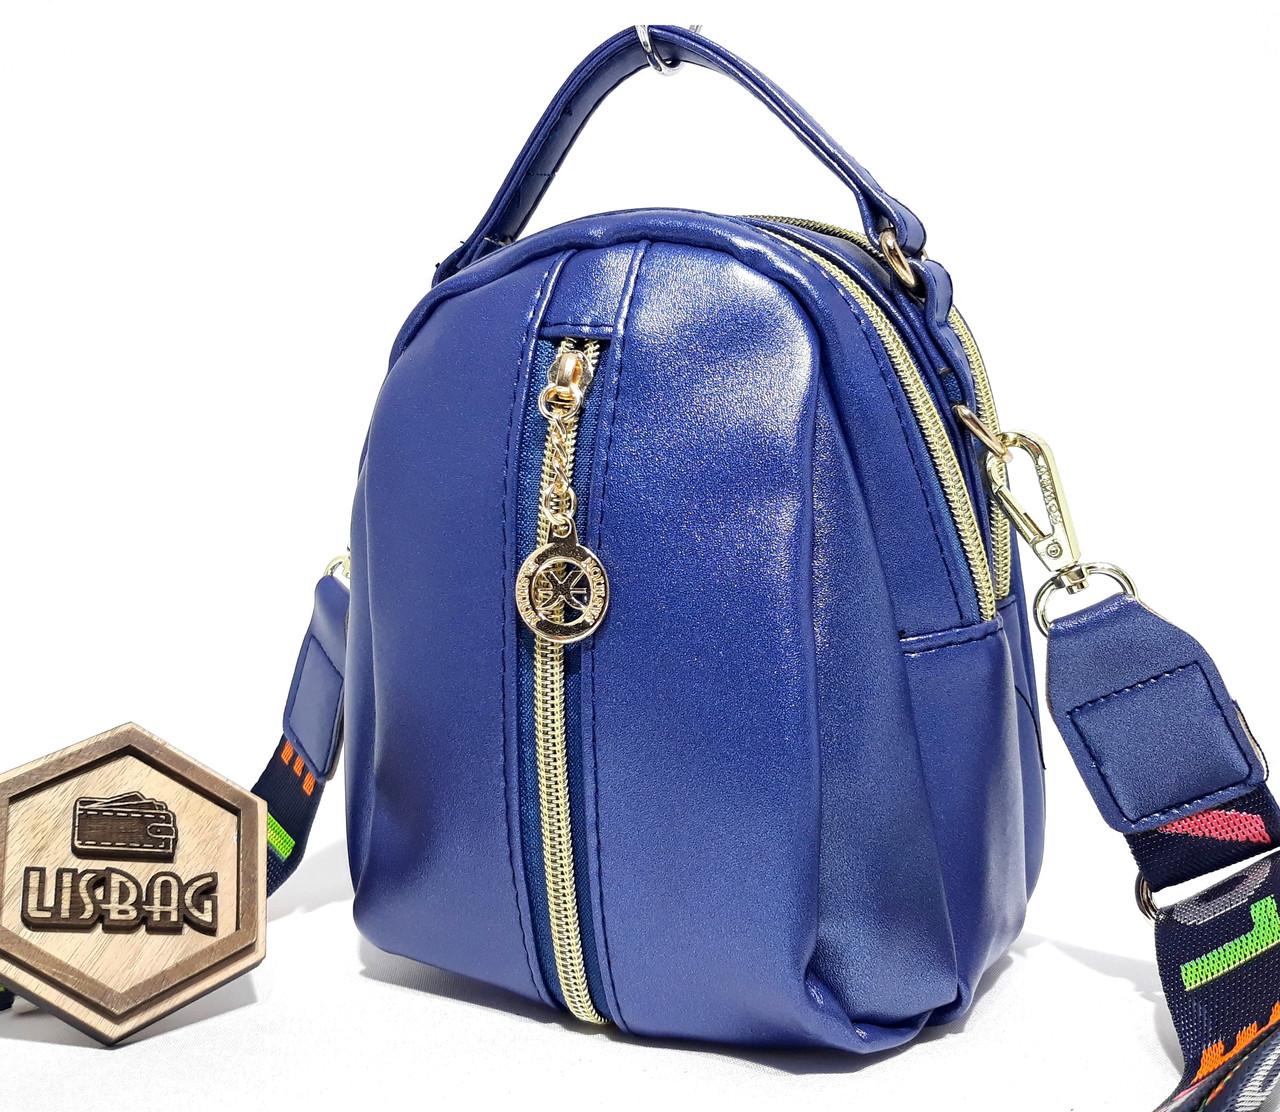 9f5e5a43ddf3 Синяя перламутровая женская маленькая сумка-чемоданчик, Новинка, ...